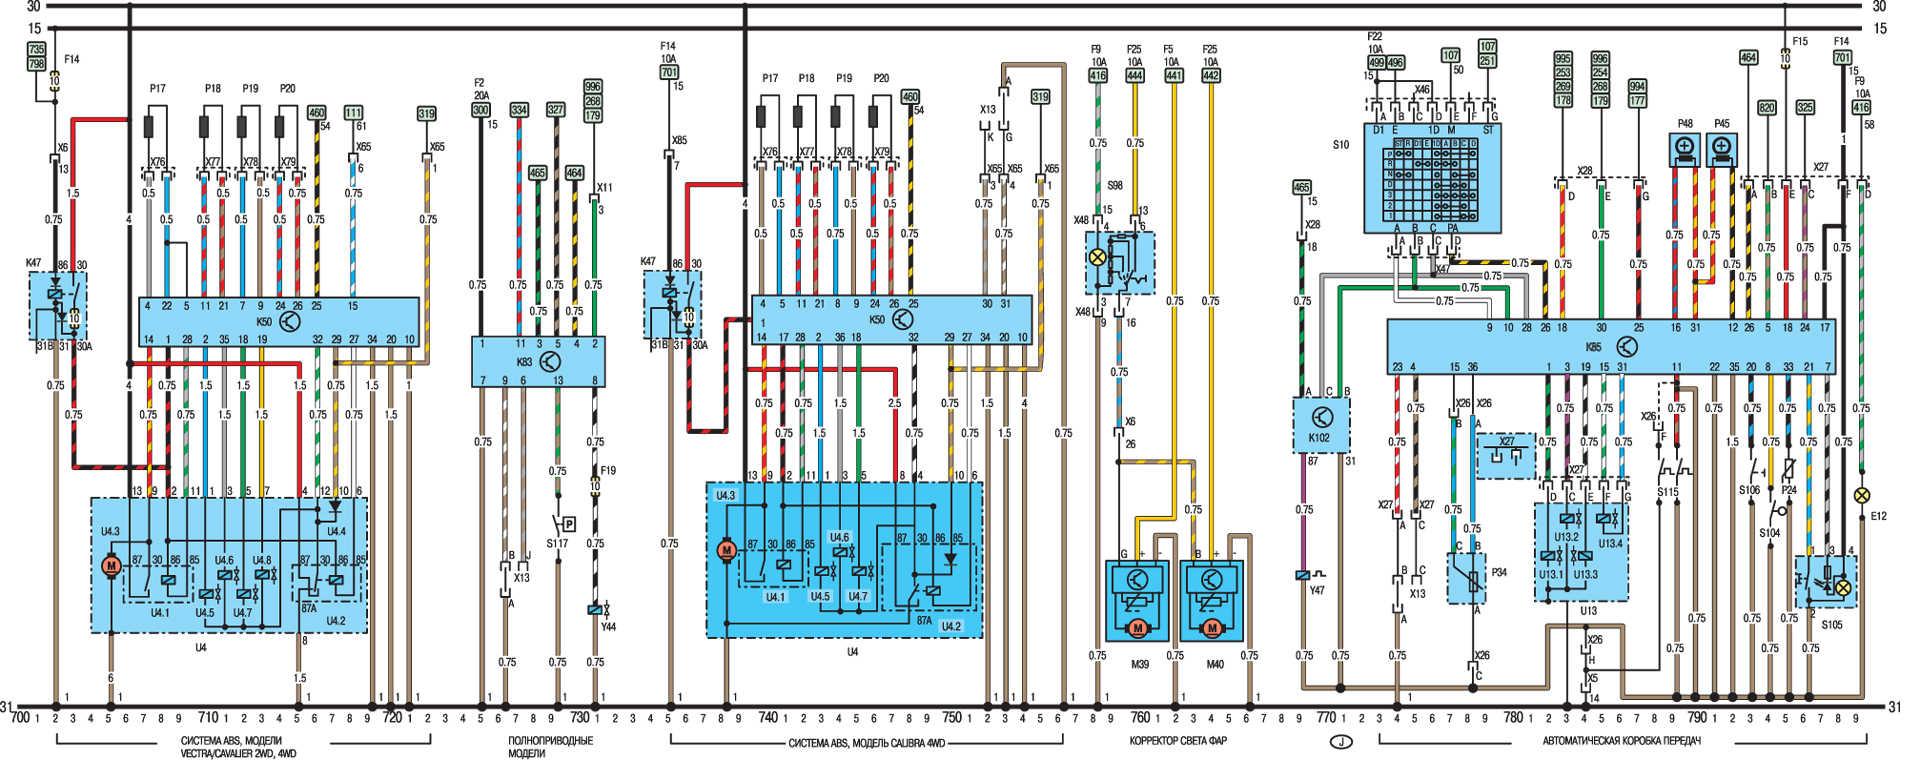 Электрическая схема моделей с 1991 года Opel Vectra A.